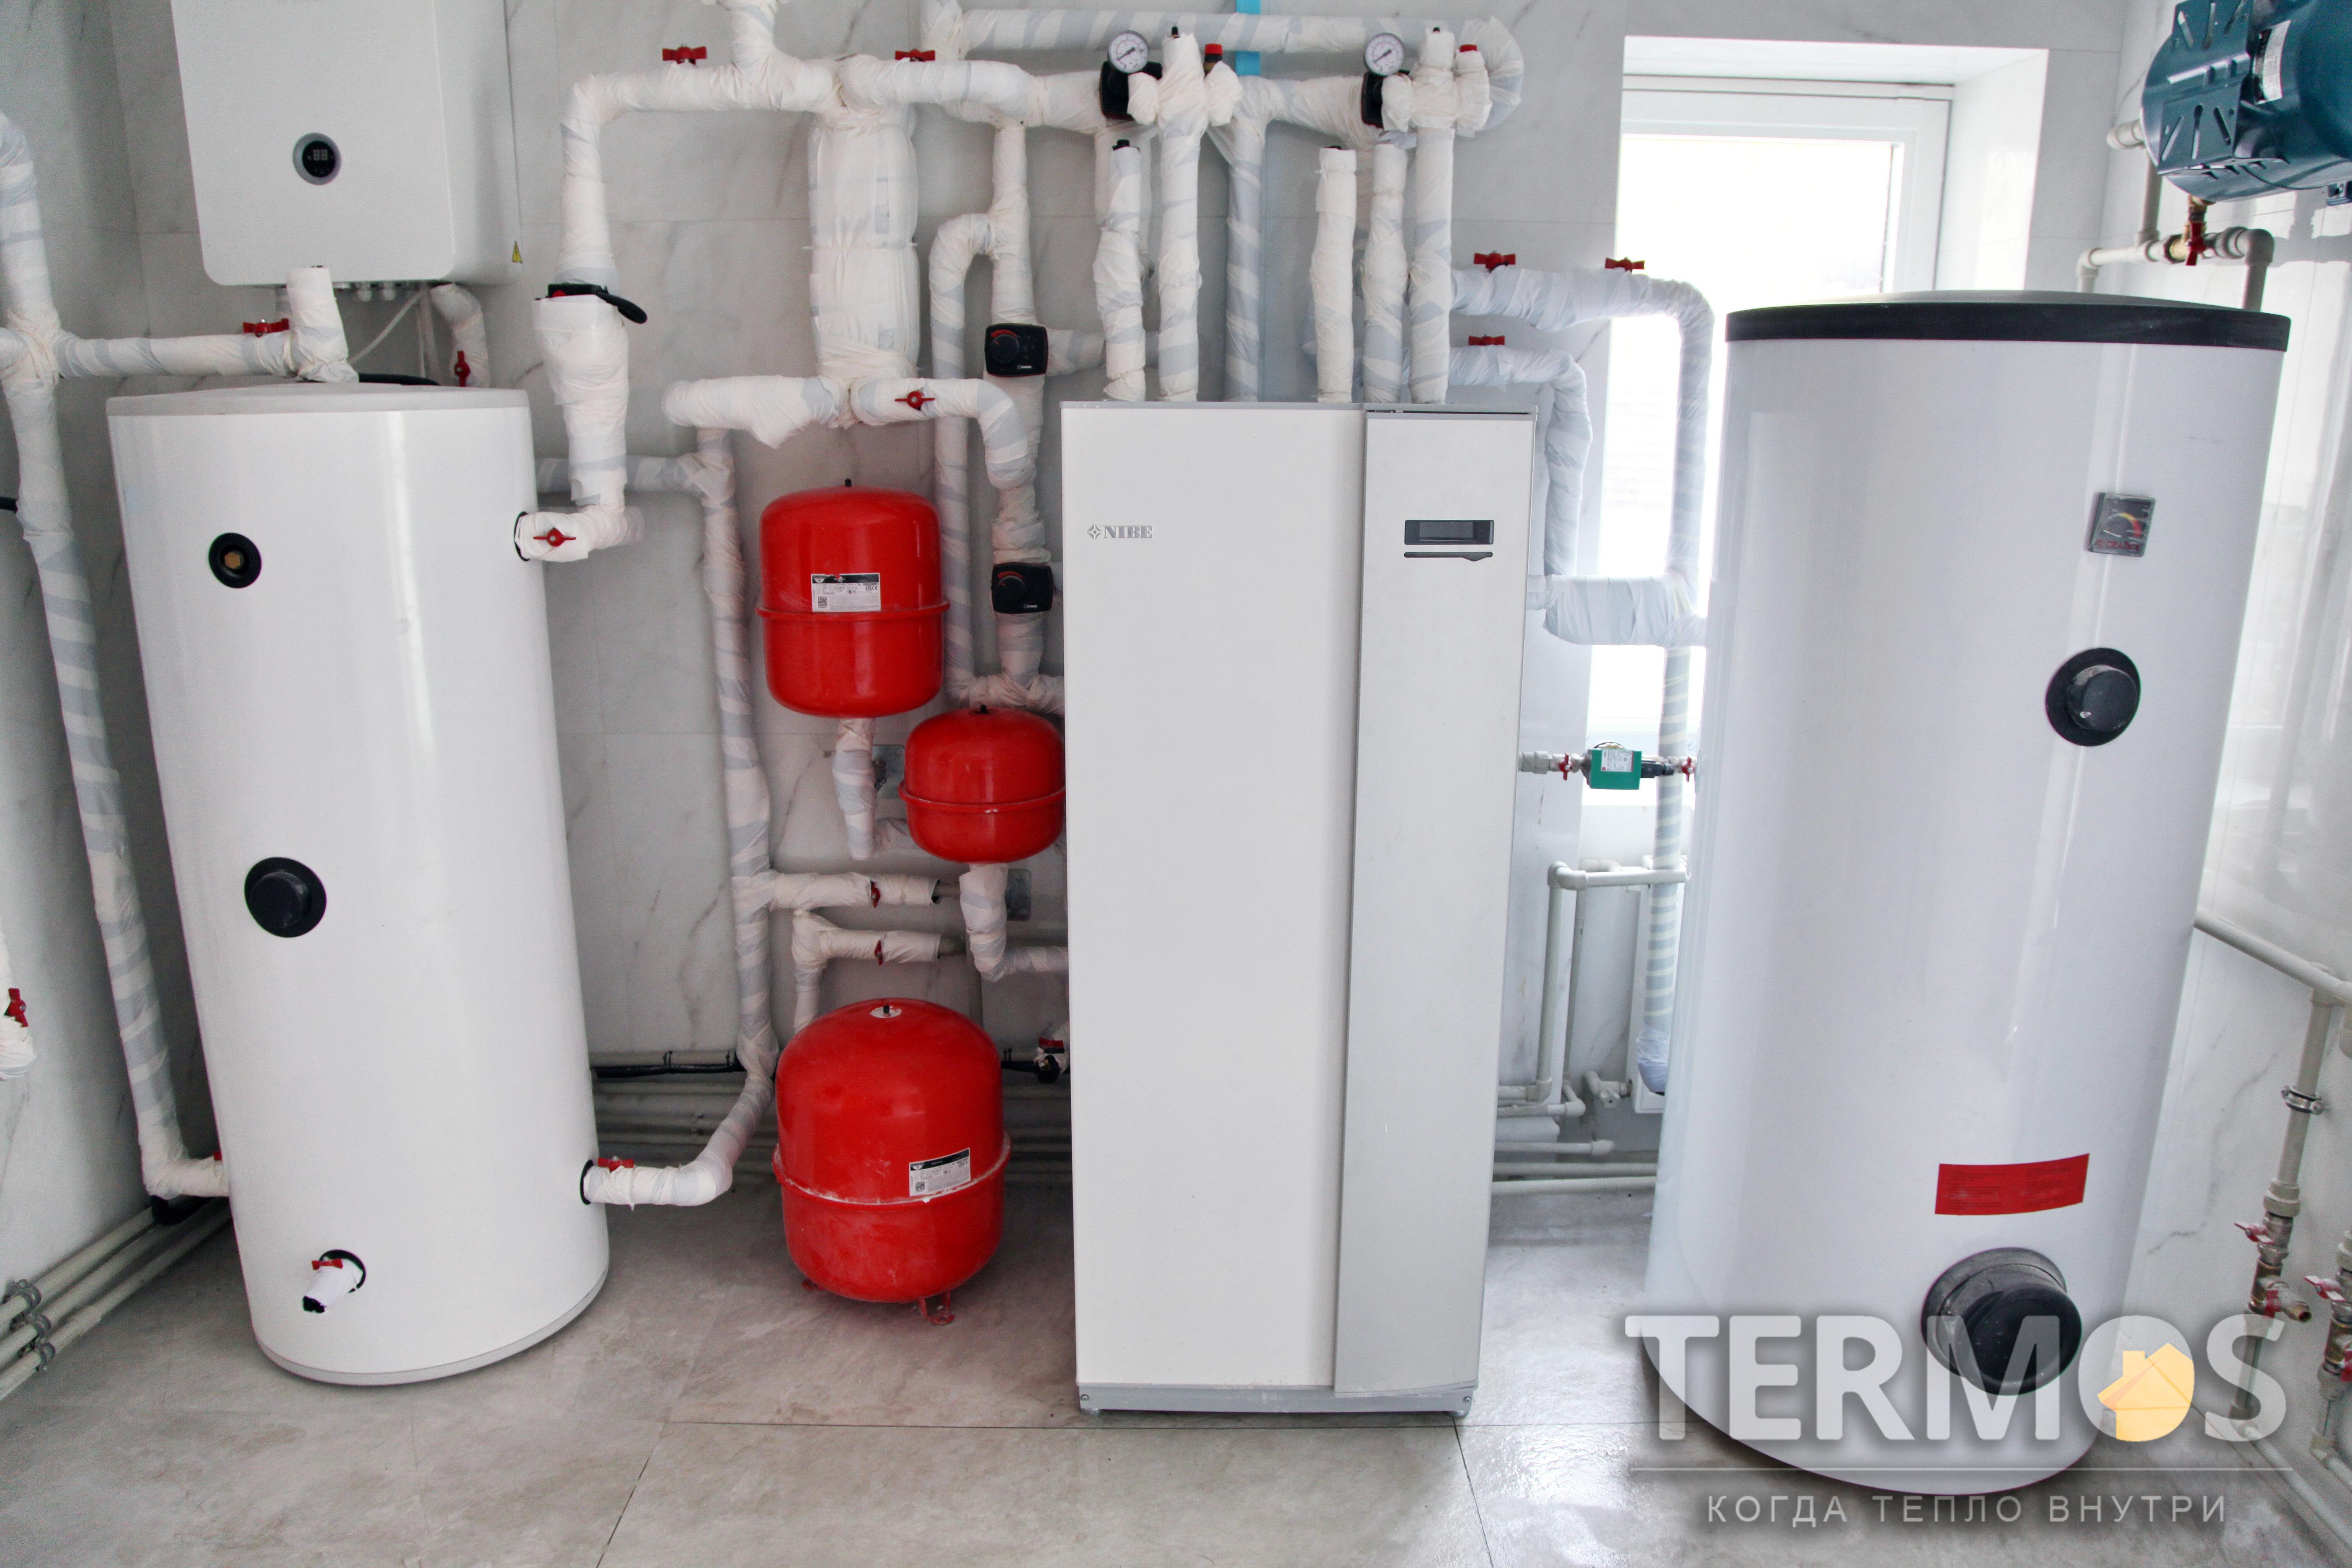 Дом 380 м кв. Тепловой насос NIBE (Швеция) 17 кВт, с 5 геотермальными зондами по 80 м